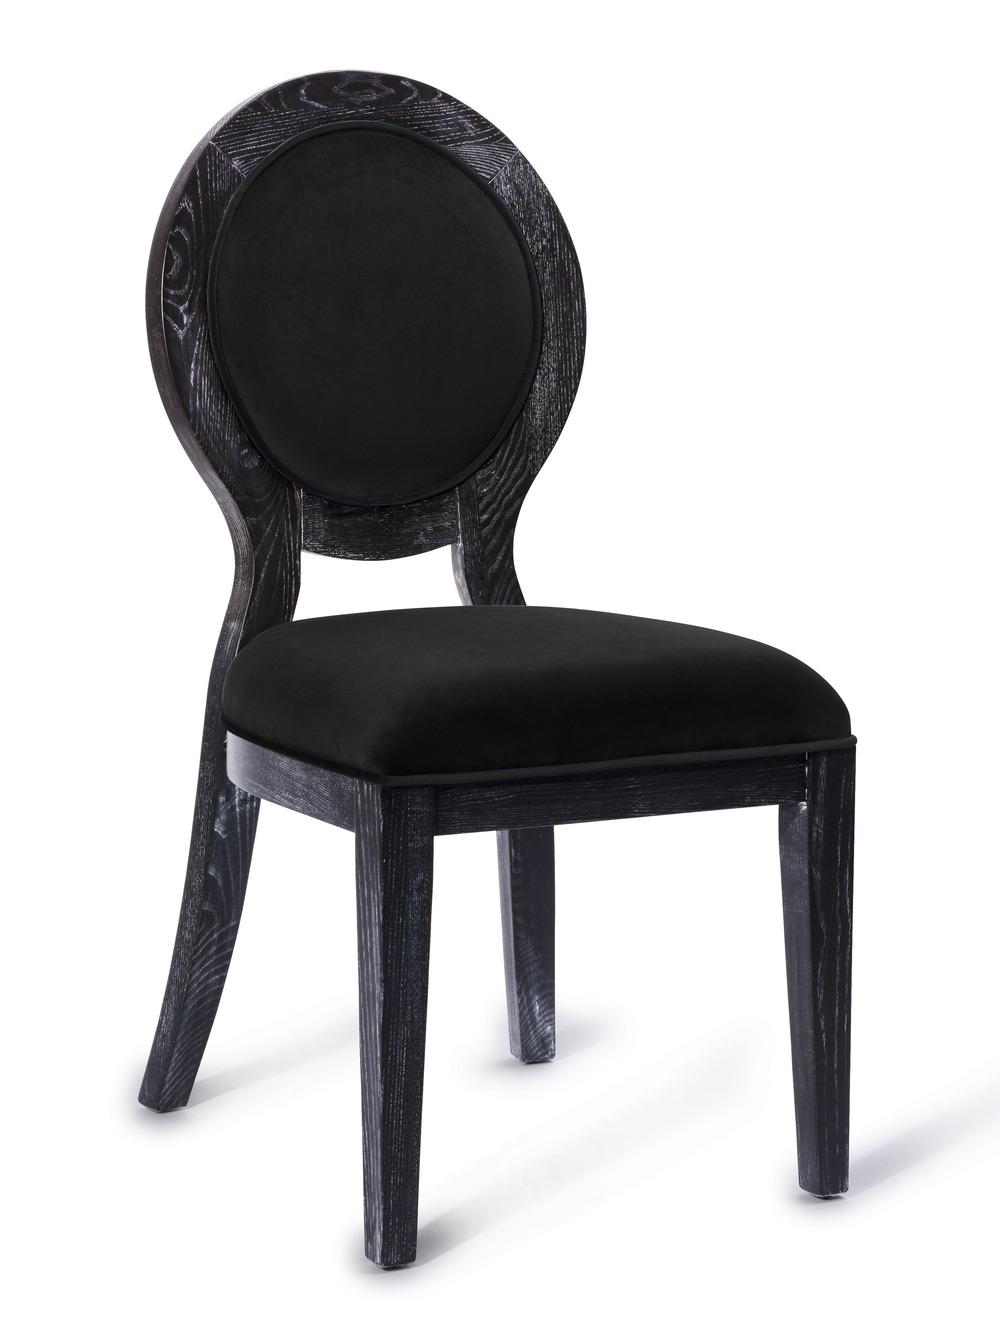 TOV Furniture - Cerused Oak Black Chair